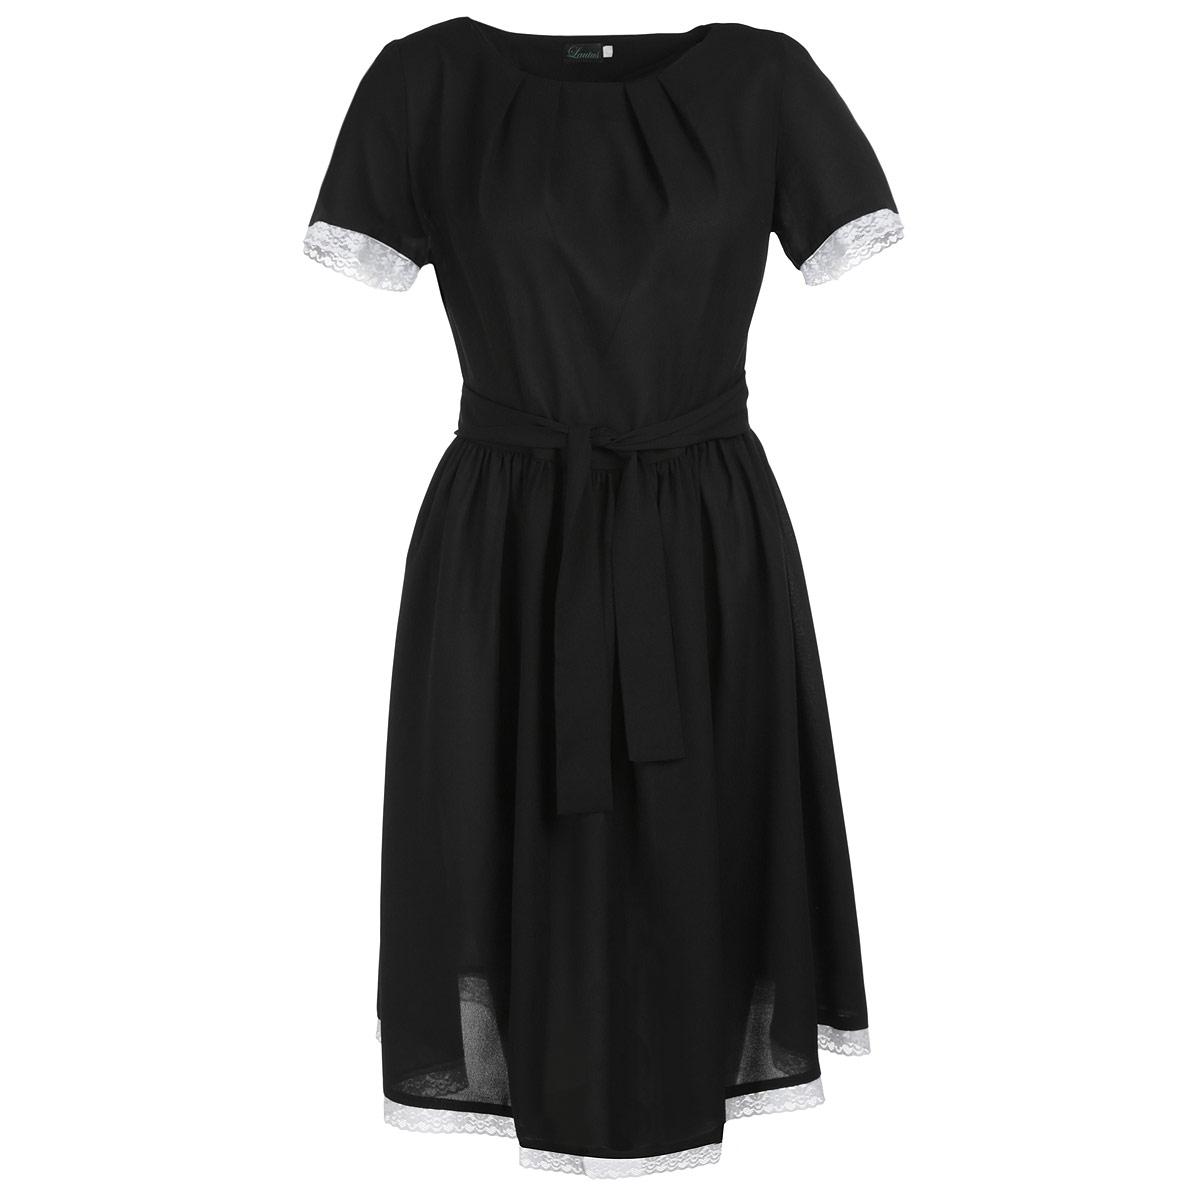 Платье. 607607Элегантное платье Lautus выполнено из легкого полупрозрачного материала - полиэстера с добавлением эластана. Материал приятный к телу и комфортный в повседневной носке. Модель приталенного силуэта с круглым вырезом горловины и короткими рукавами на спинке застегивается на потайную молнию. По линии горловины платье оформлено декоративными складками. Талию подчеркивает аккуратный поясок. Рукава и подол изделия отделаны нежным кружевом контрастного цвета. Модное платье подчеркнет достоинства вашей фигуры и займет достойное место в гардеробе.